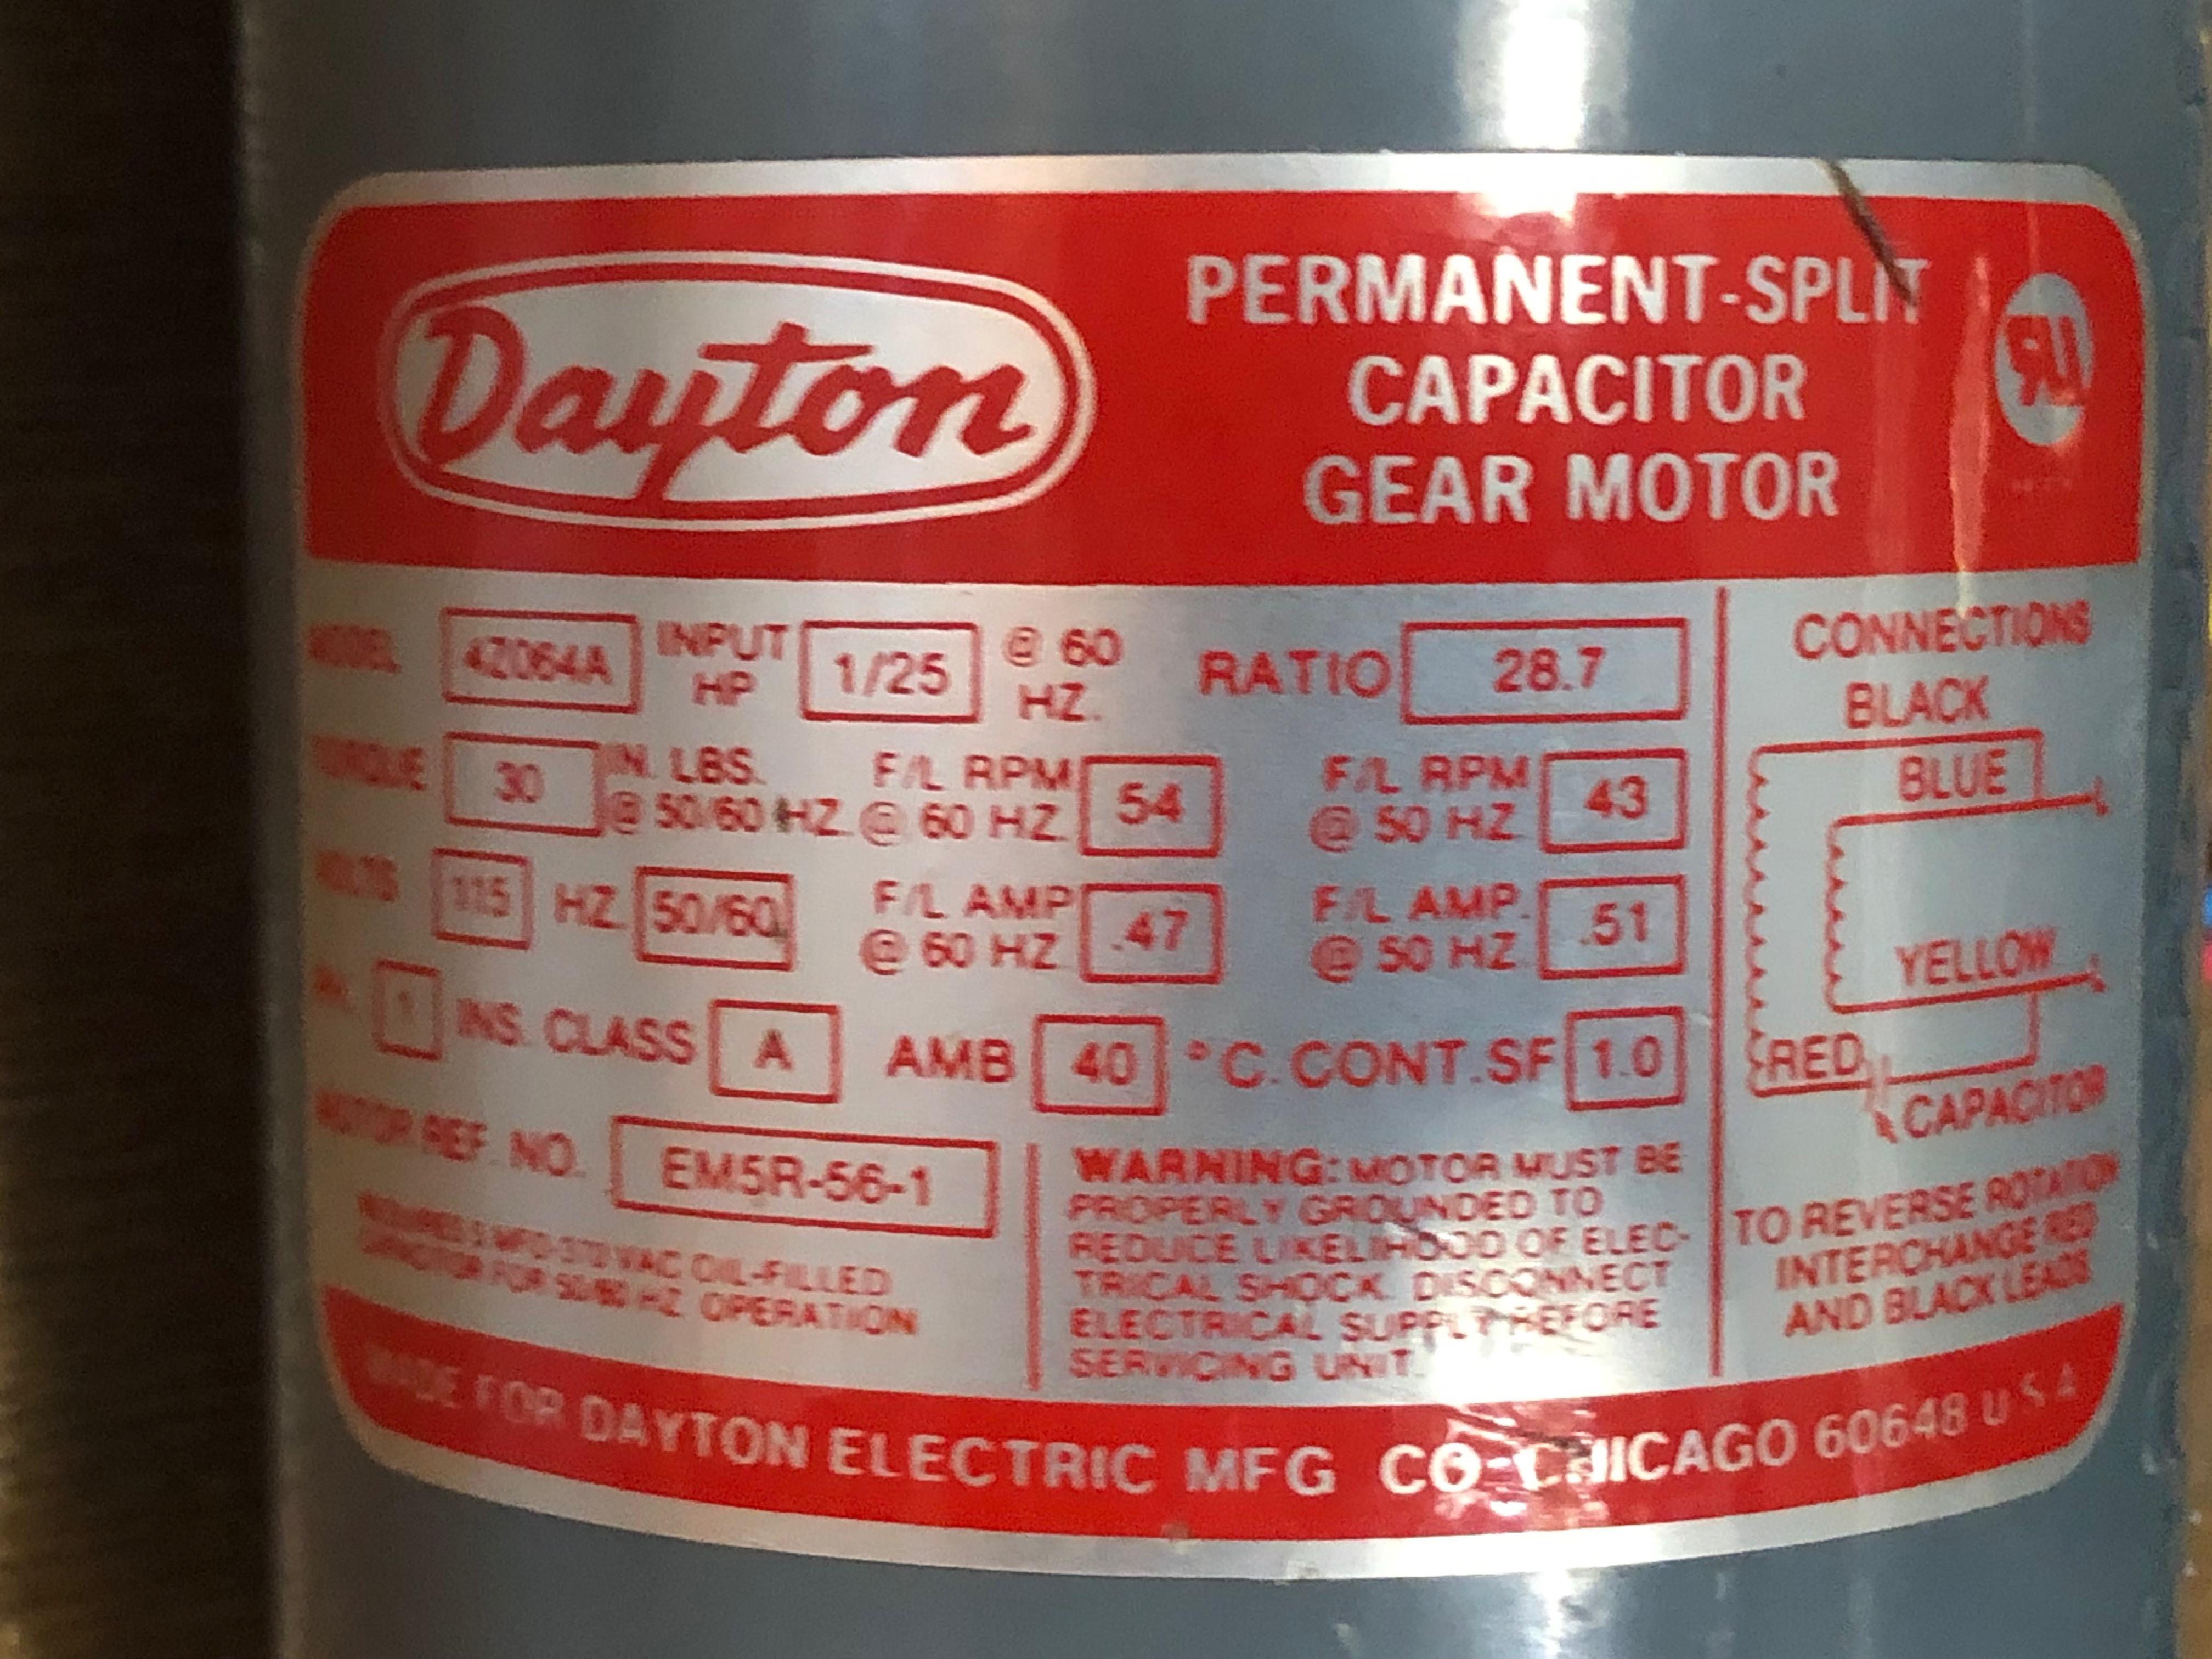 Motor electric Dayton new in box  115V Permanent-split capacitor gear motor